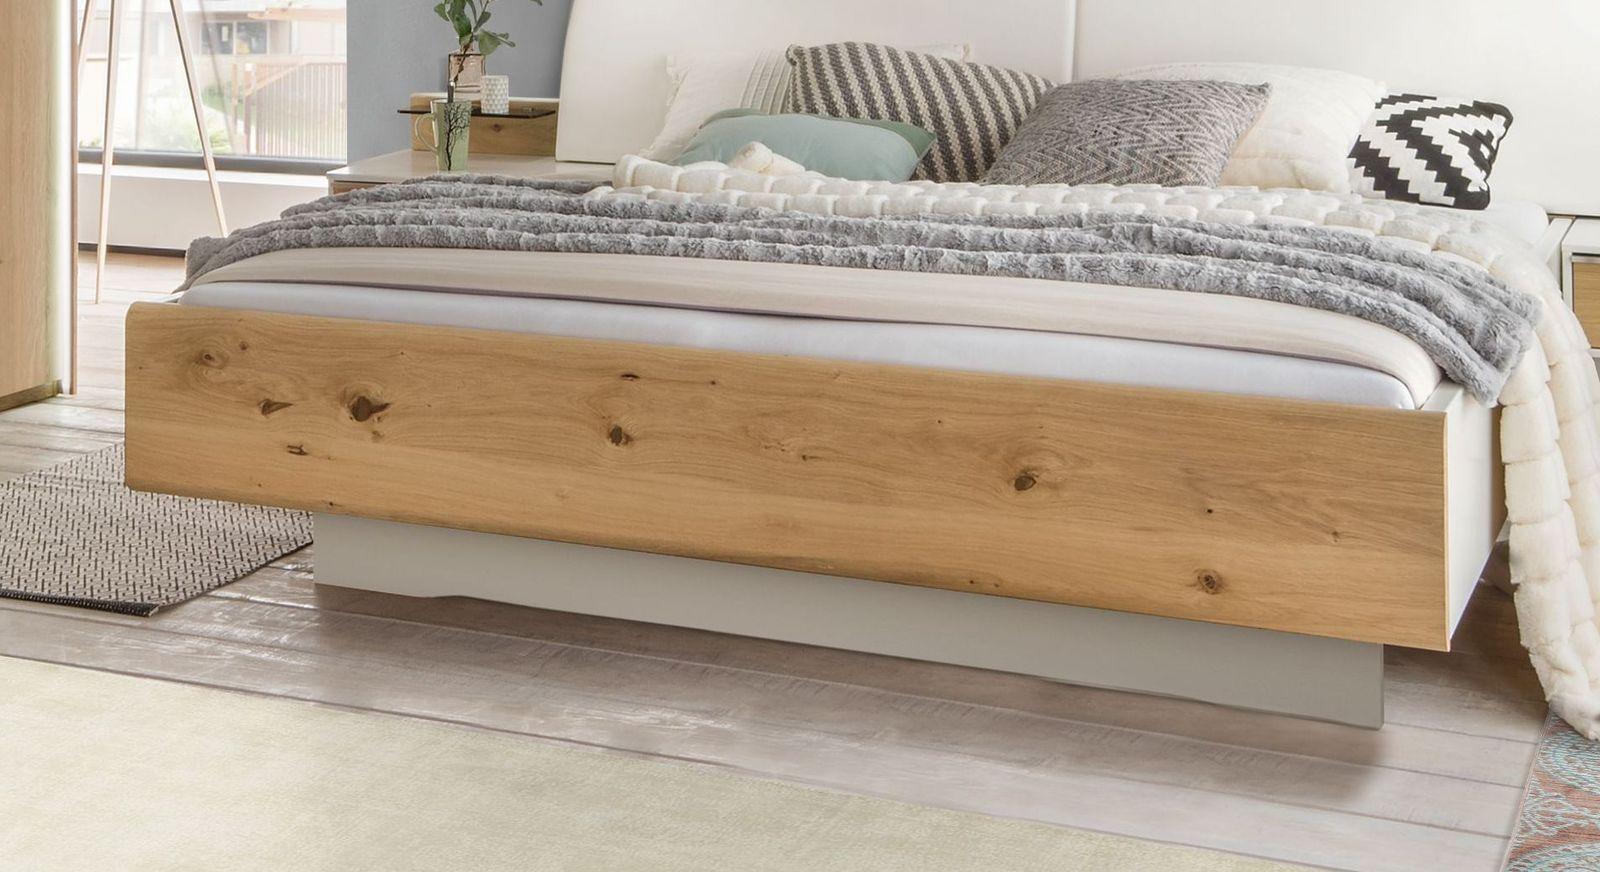 Full Size of Bett Schwebend In Alpinwei Und Balkeneiche Furnier Briston Bett Betten.de